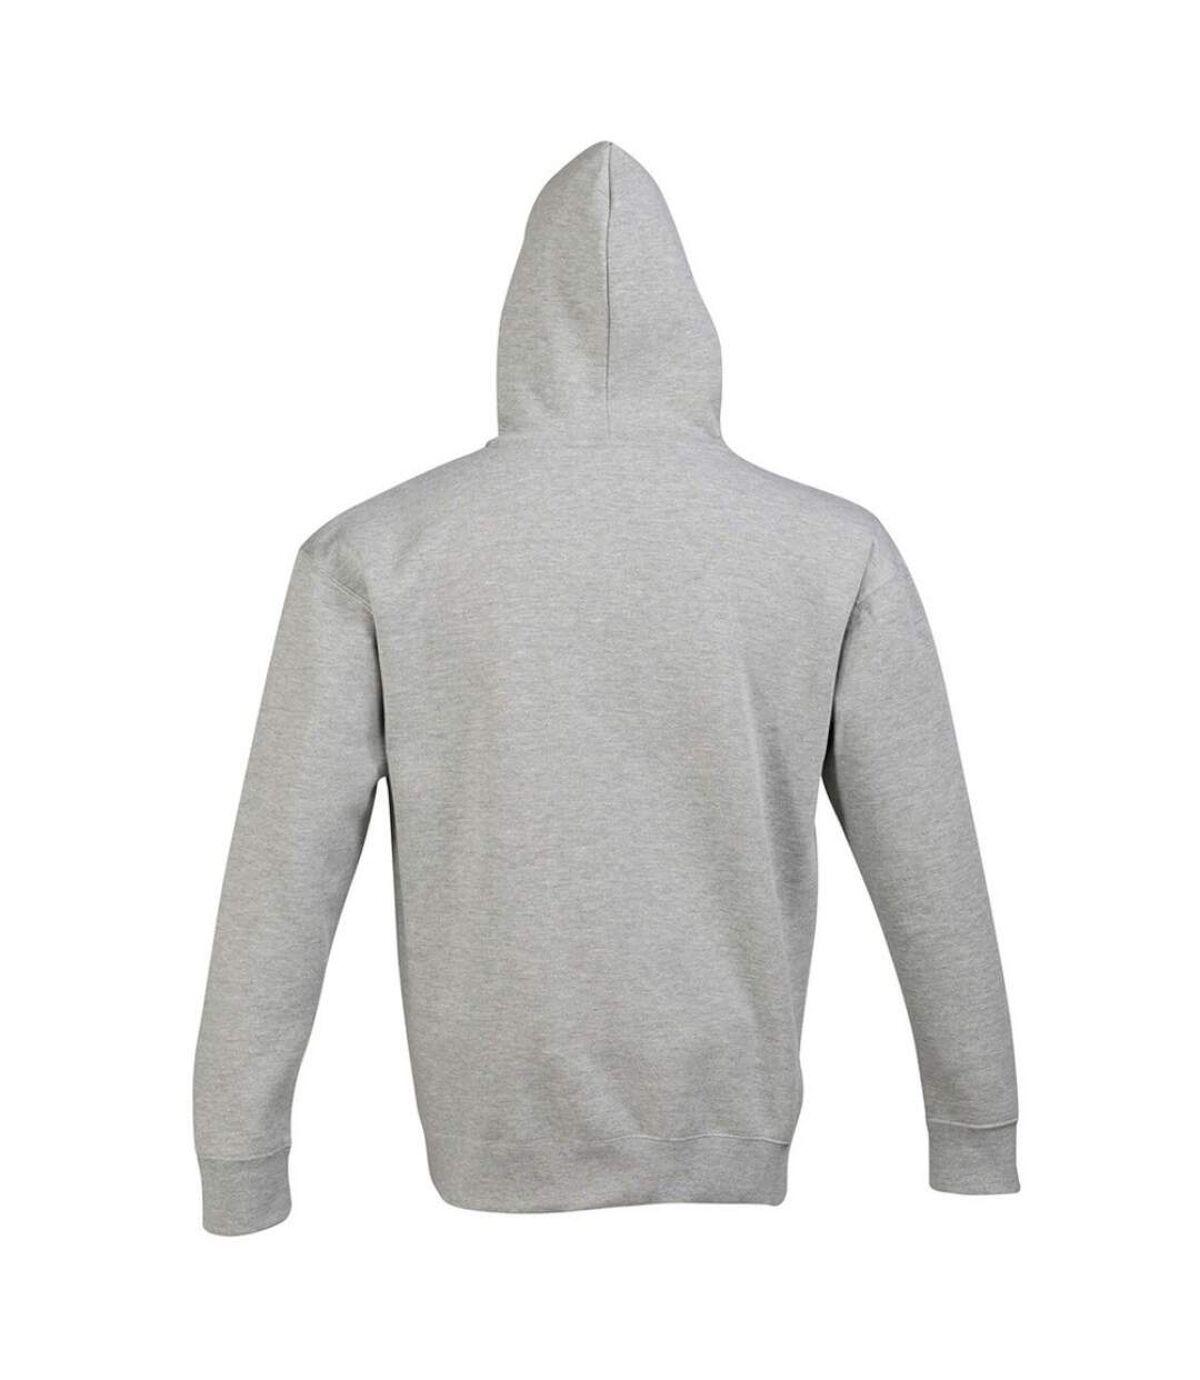 SOLS Slam - Sweatshirt à capuche - Homme (Gris marne) - UTPC381